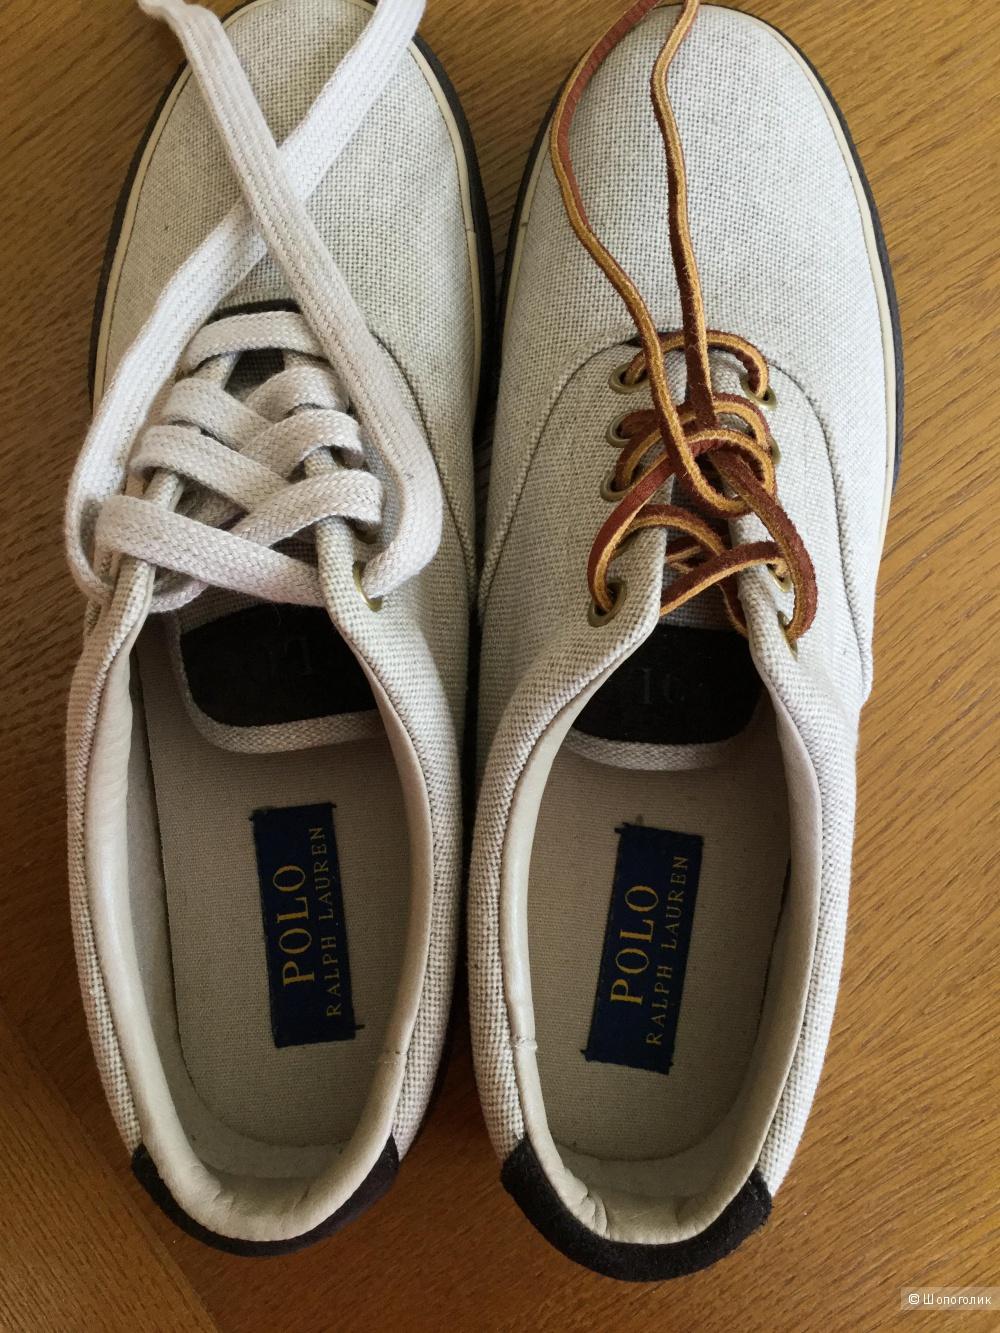 Мужские кеды  Polo Ralph Lauren,размер 8,5D (41-41,5)